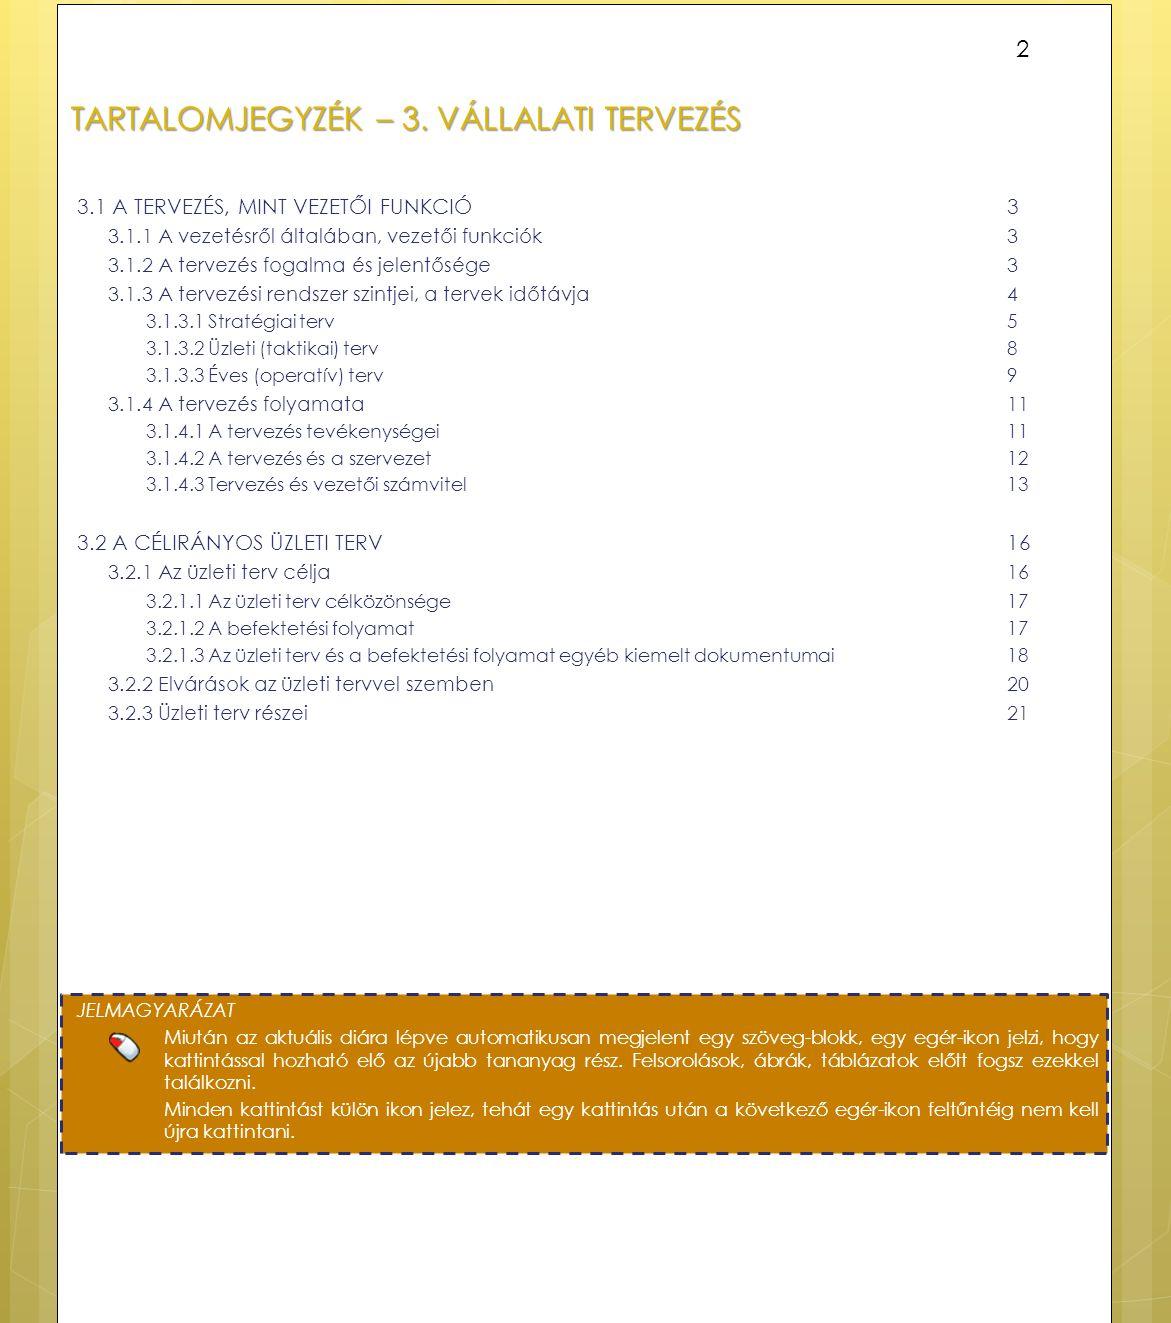 TARTALOMJEGYZÉK – 3. VÁLLALATI TERVEZÉS 3.1 A TERVEZÉS, MINT VEZETŐI FUNKCIÓ3 3.1.1 A vezetésről általában, vezetői funkciók3 3.1.2 A tervezés fogalma